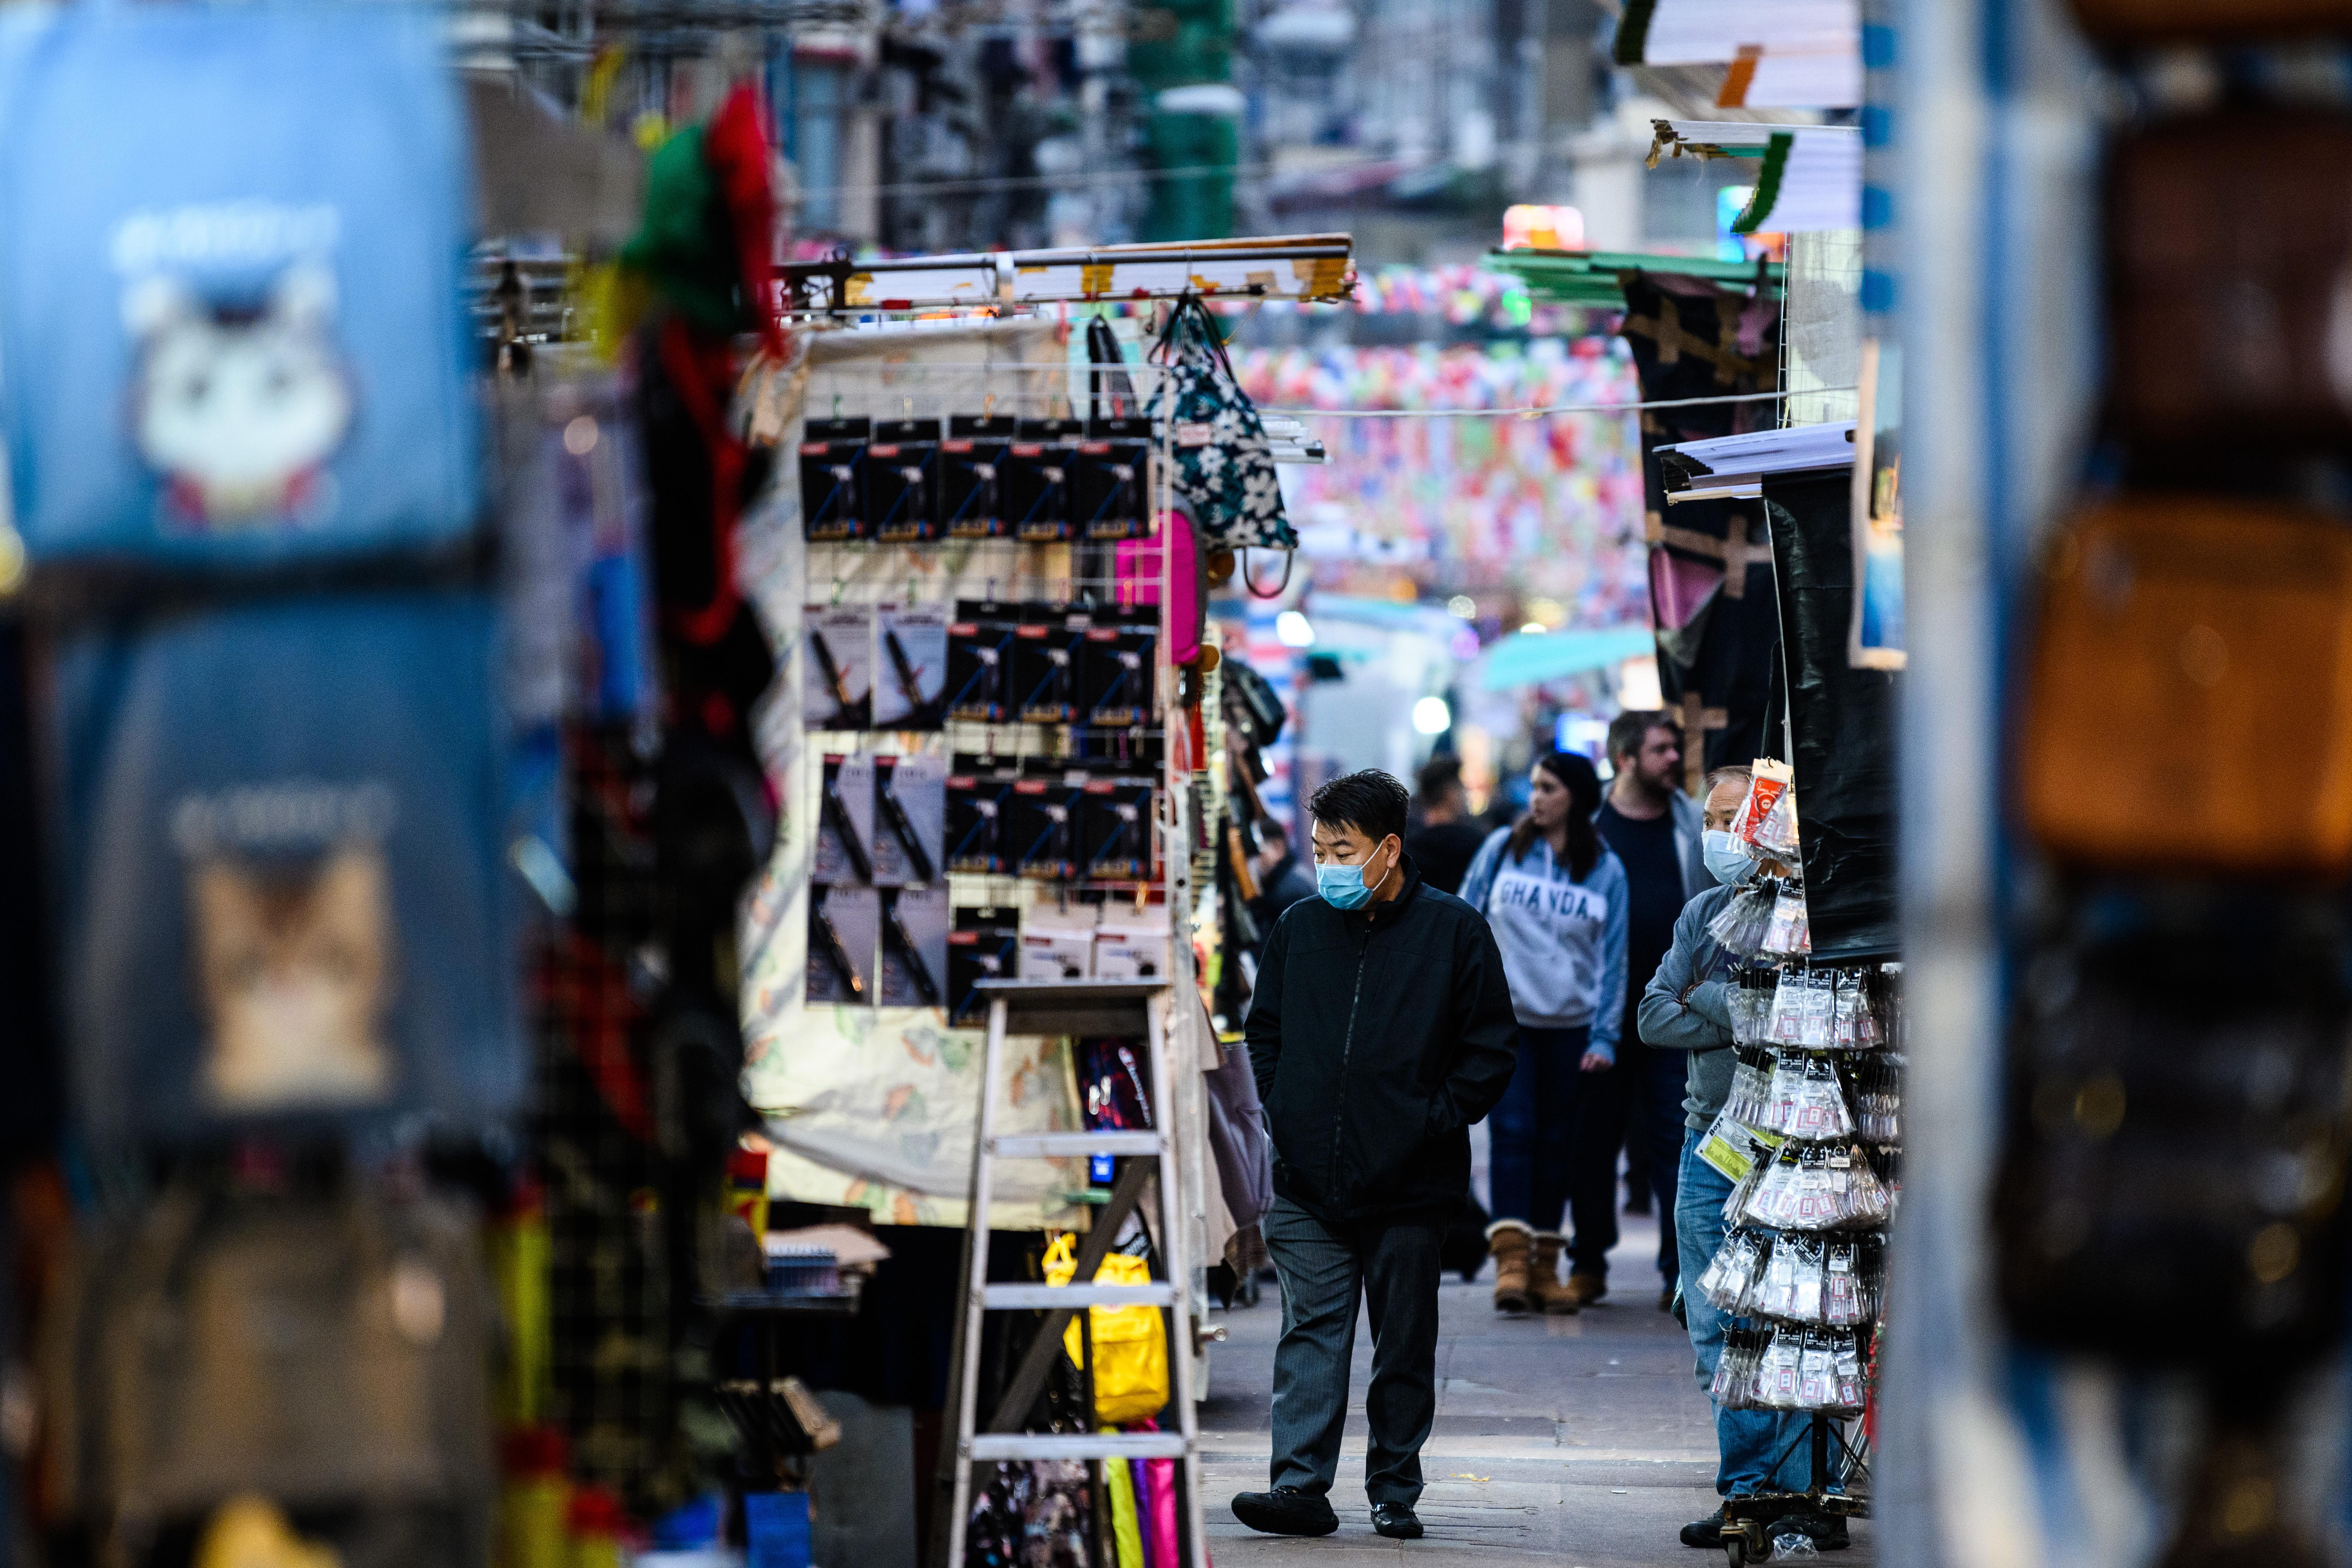 【新冠肺炎】香港马会暂停所有场外投注站服务